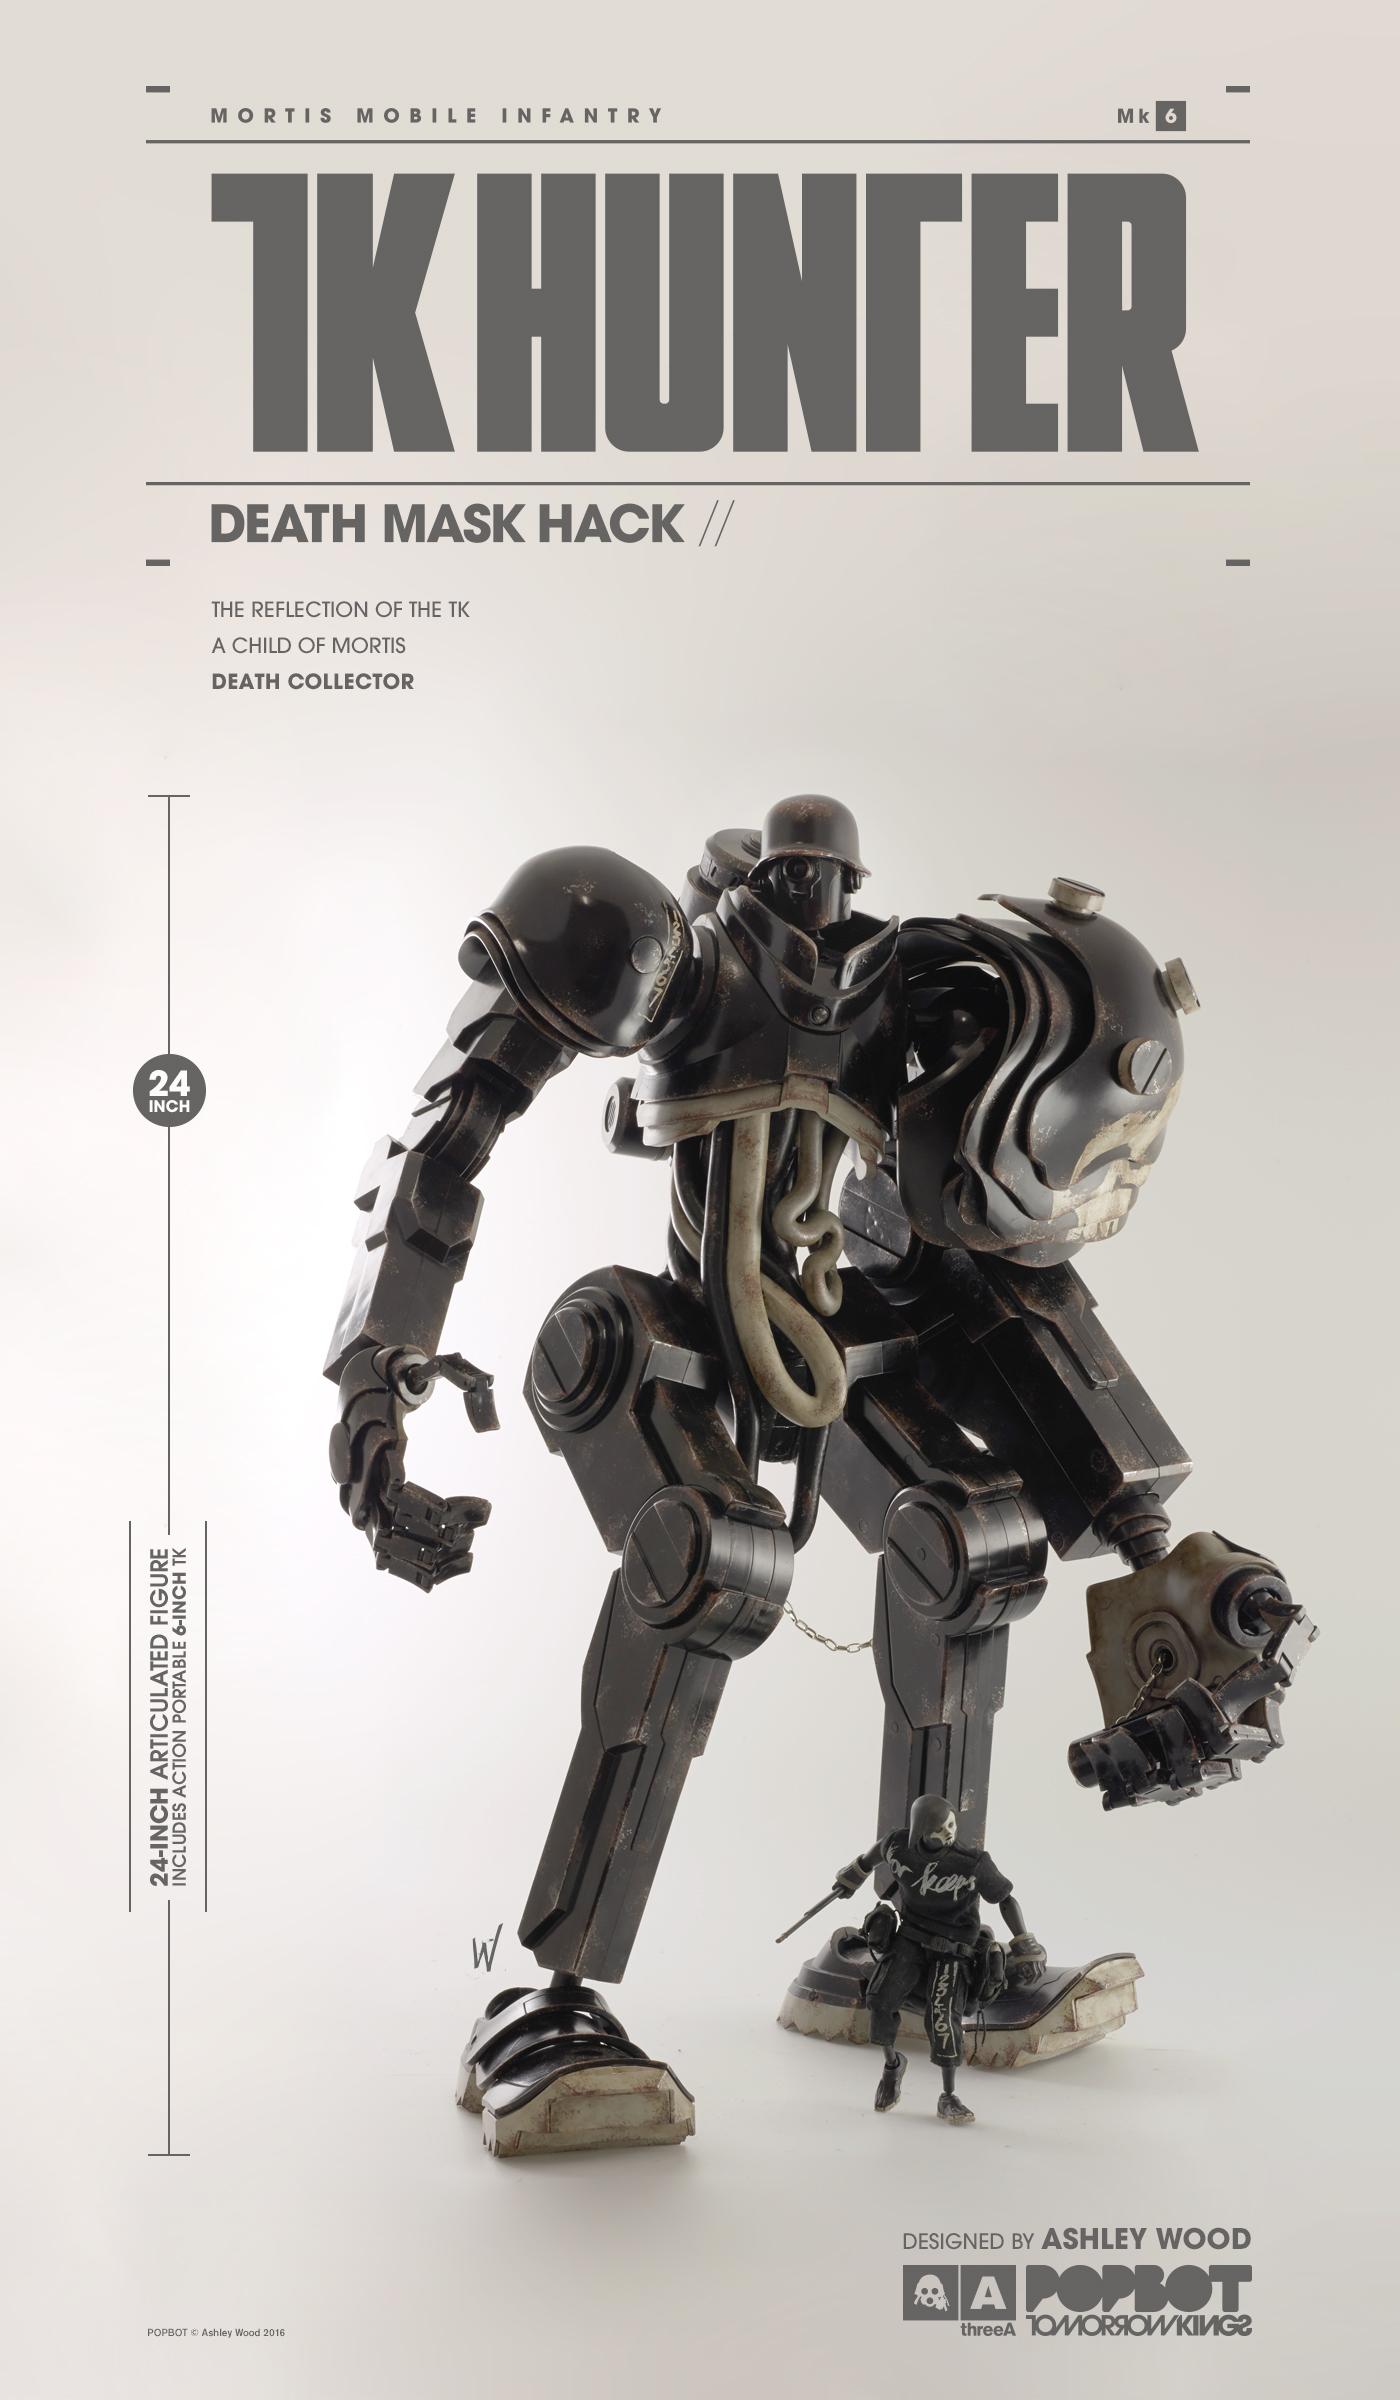 3A_Popbot_TKHunter_Ad_Vertical_DeathMaskHack_002.jpg